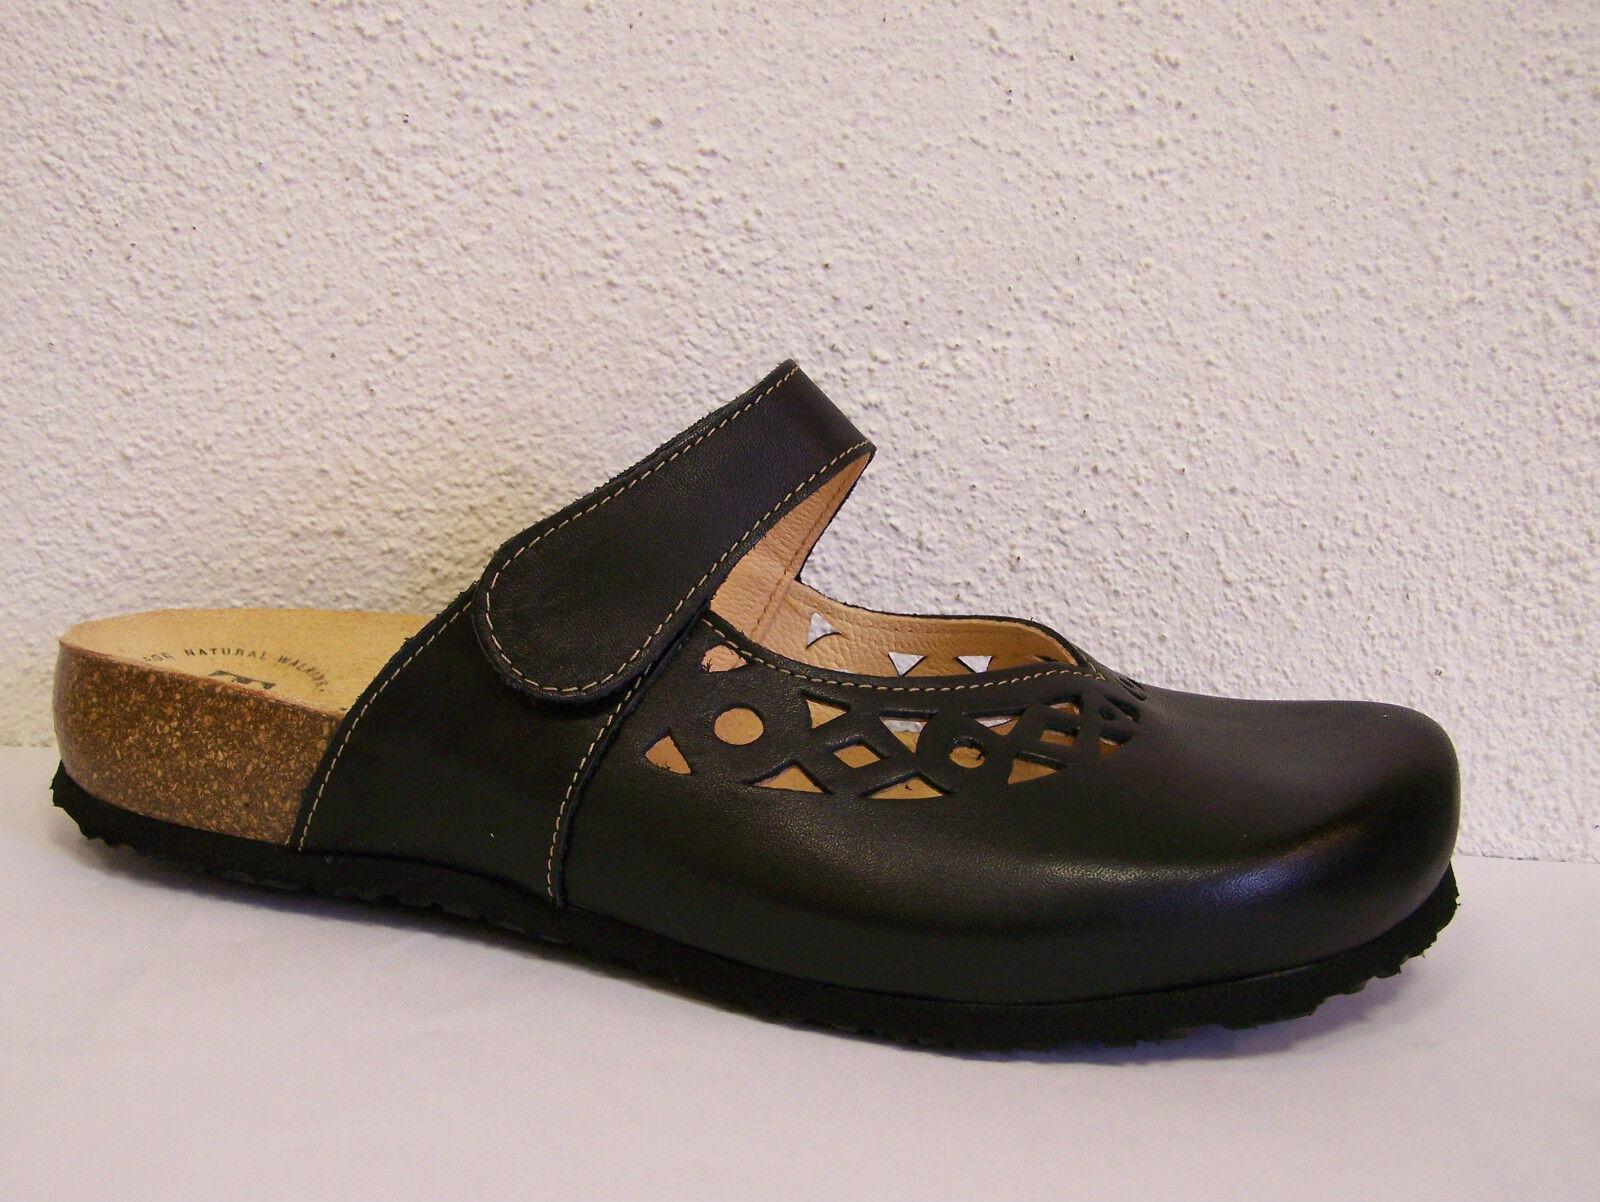 dea7c6998c3 Converse Ctas Hi Zapatos Deportivos Verde Tacones Negro Patente Dr Martens  Mujer